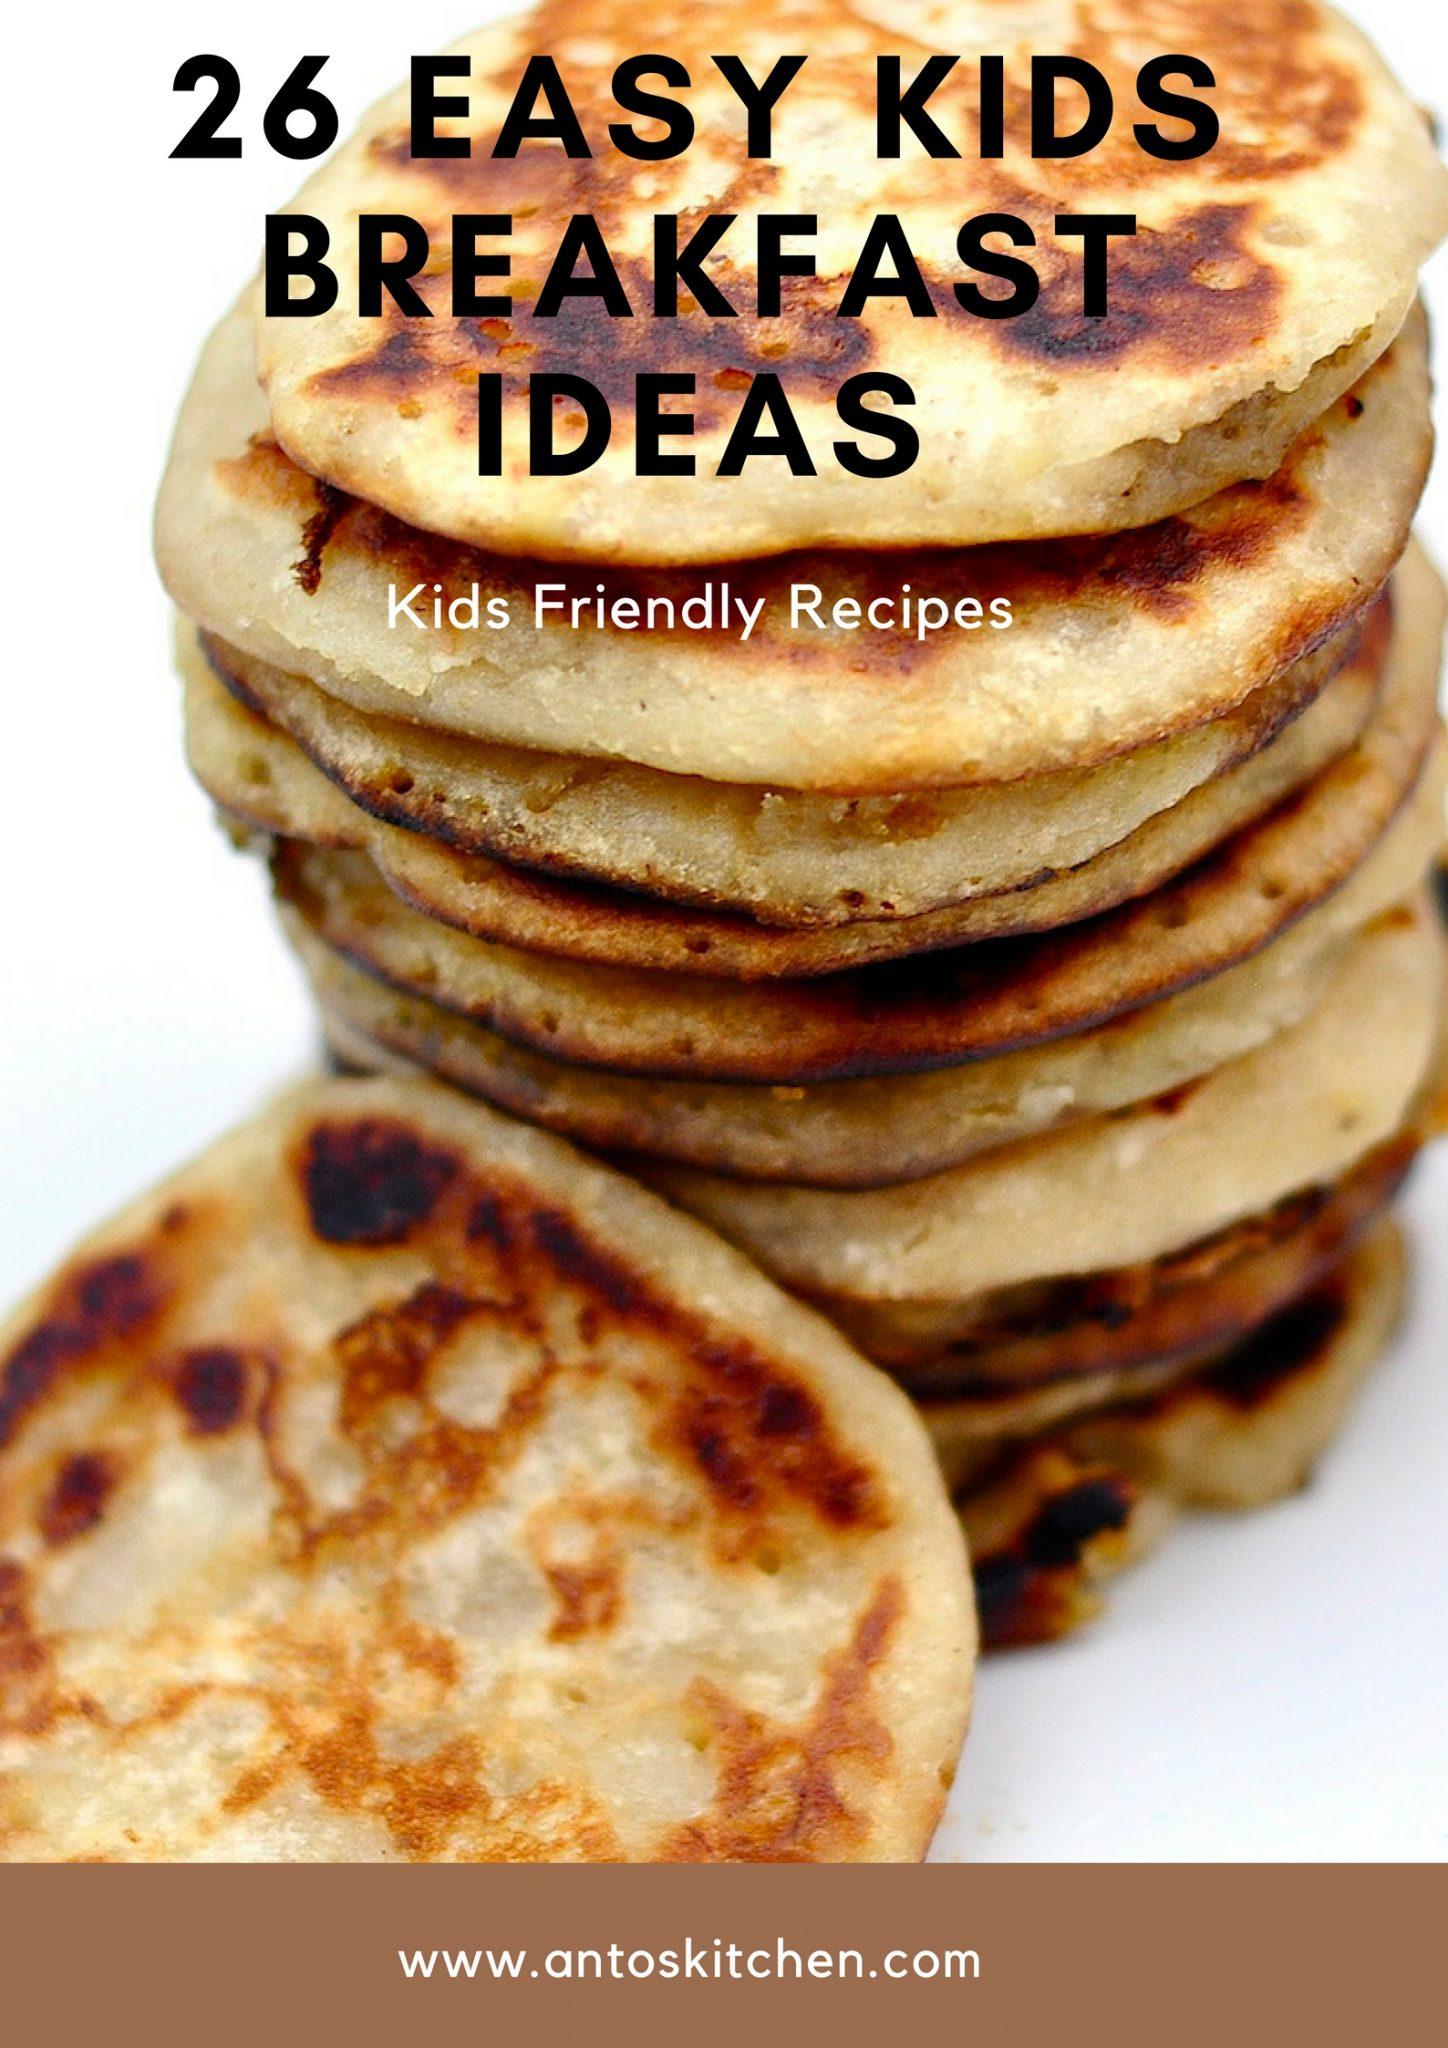 26 Easy kids breakfast ideas